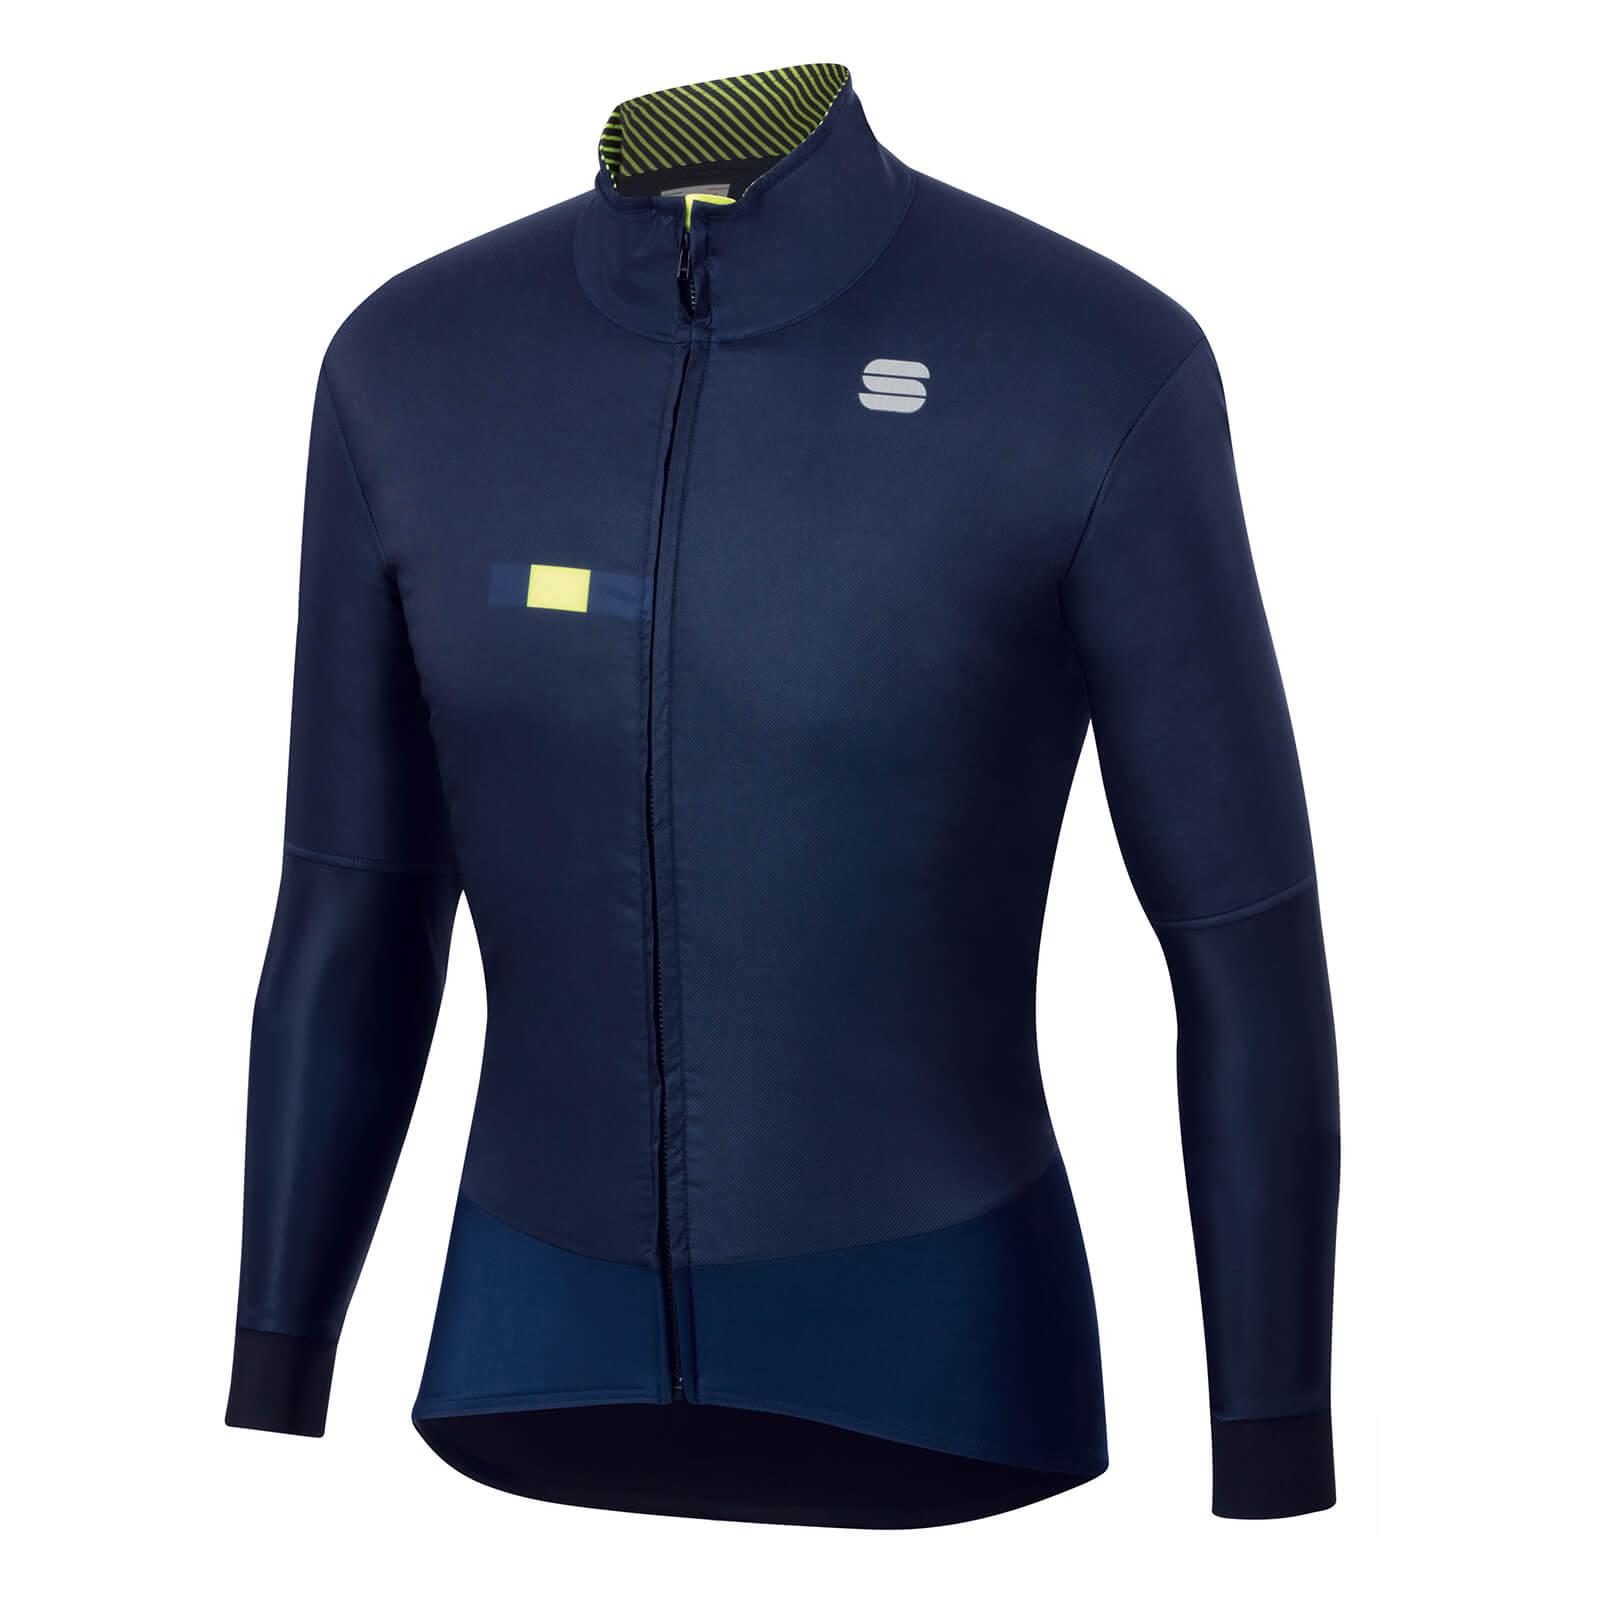 Sportful Bodyfit Pro Jacket - XL - Blue/Yellow Fluo